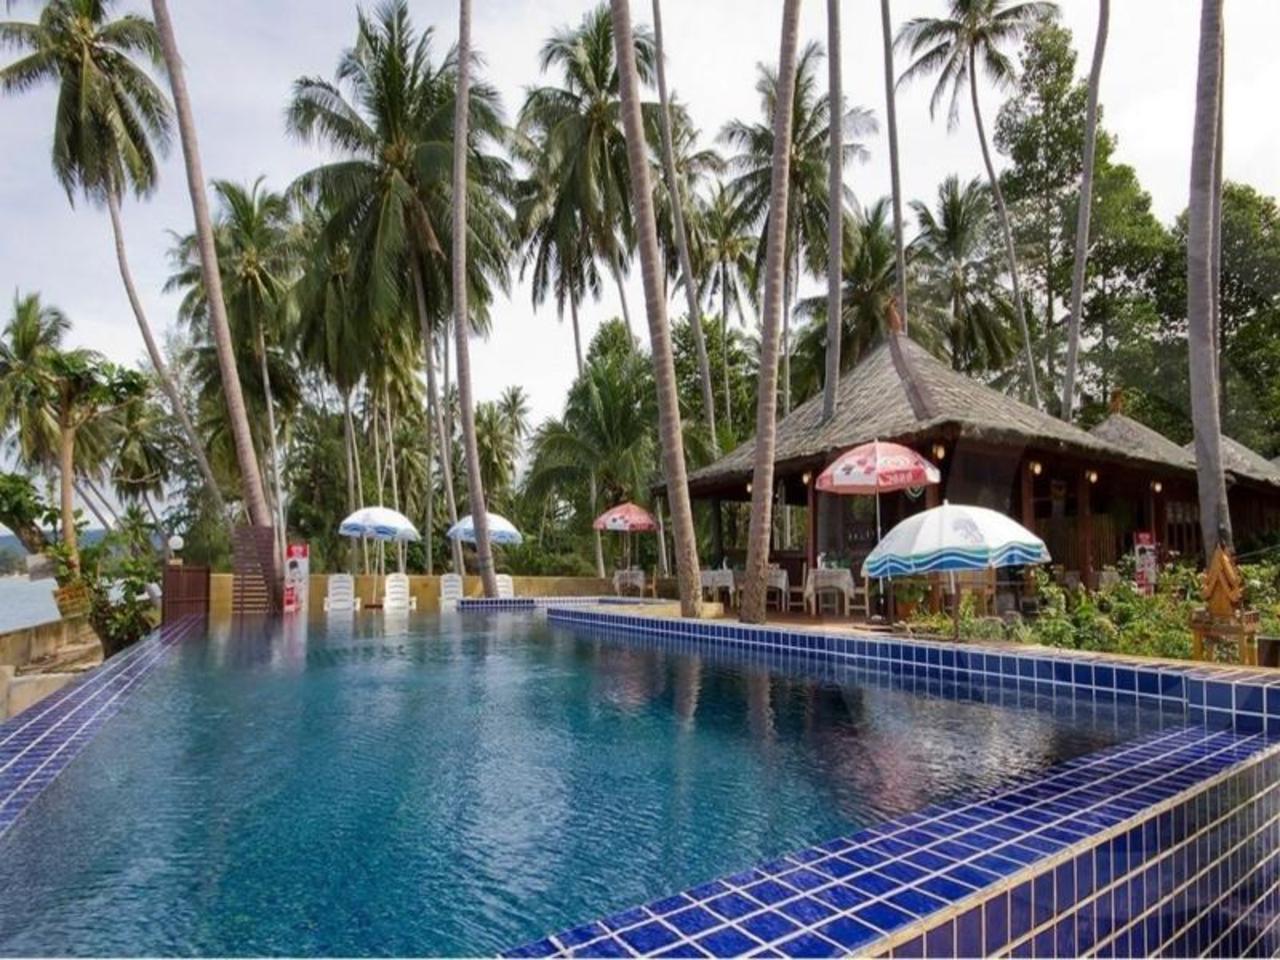 ลิปา เบย์ รีสอร์ท (Lipa Bay Resort)